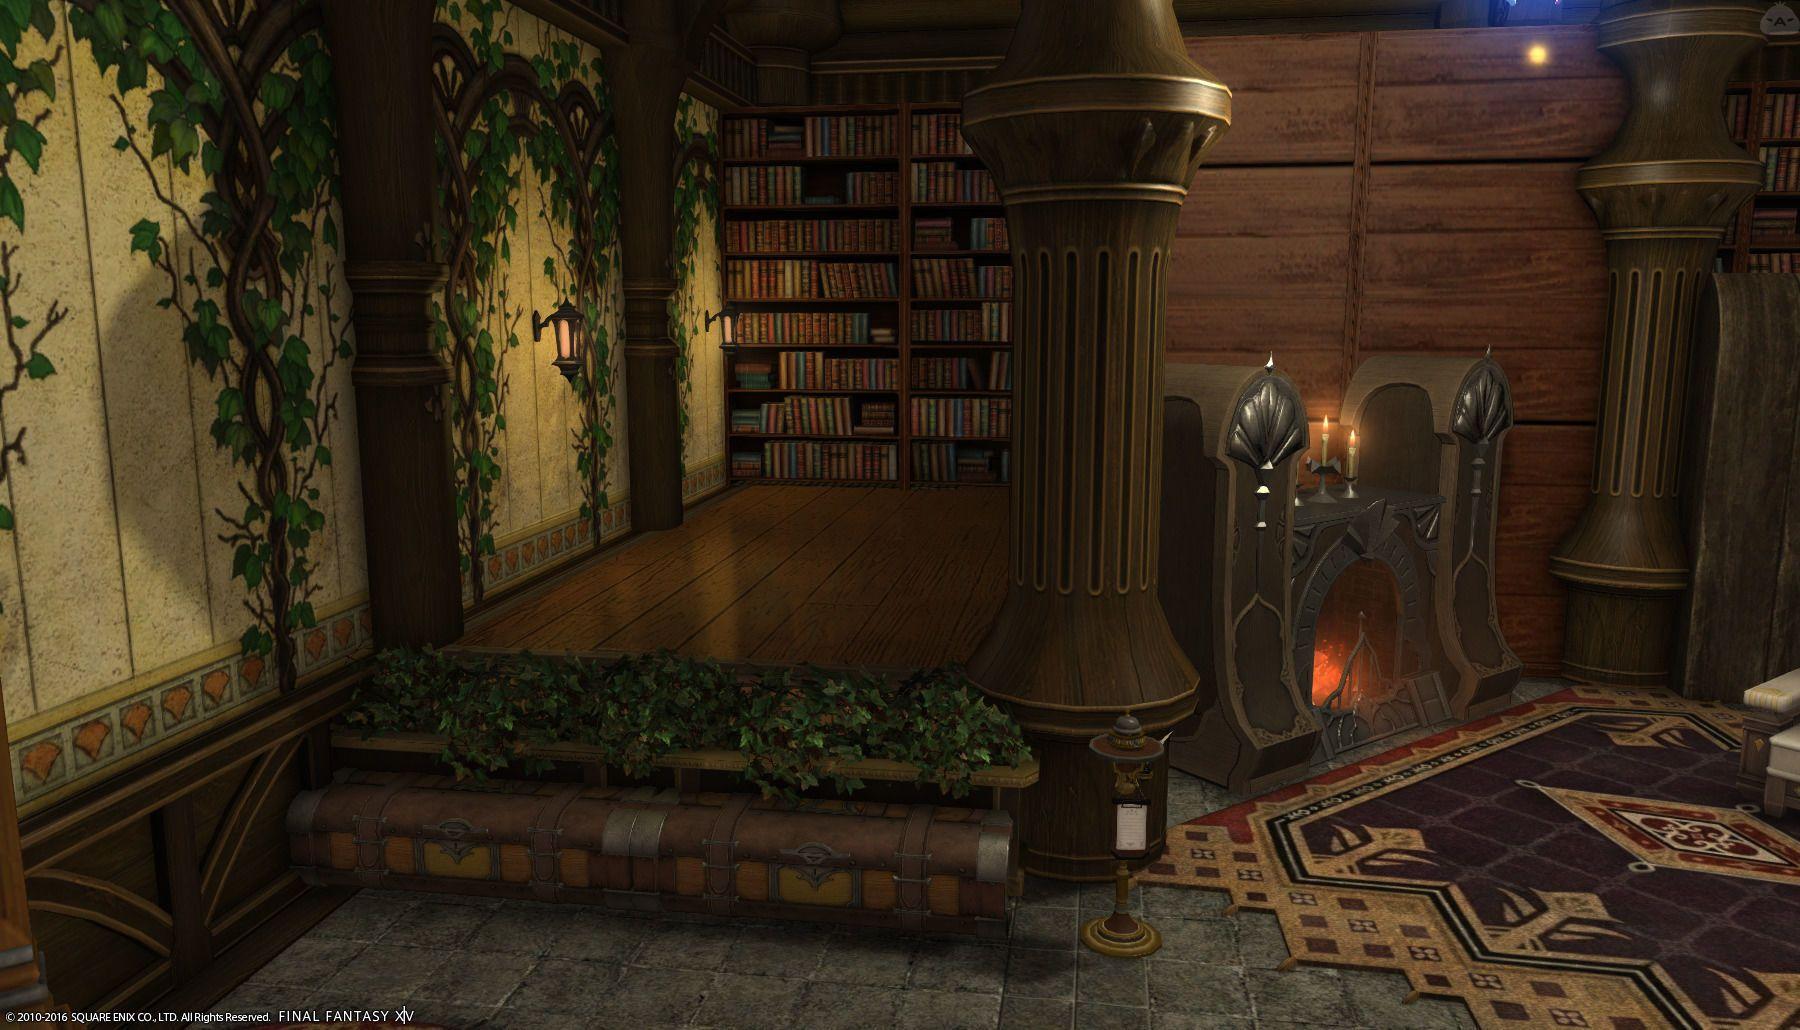 図書階段のある小部屋 | Final fantasy 14, Final fantasy xiv, Ff14